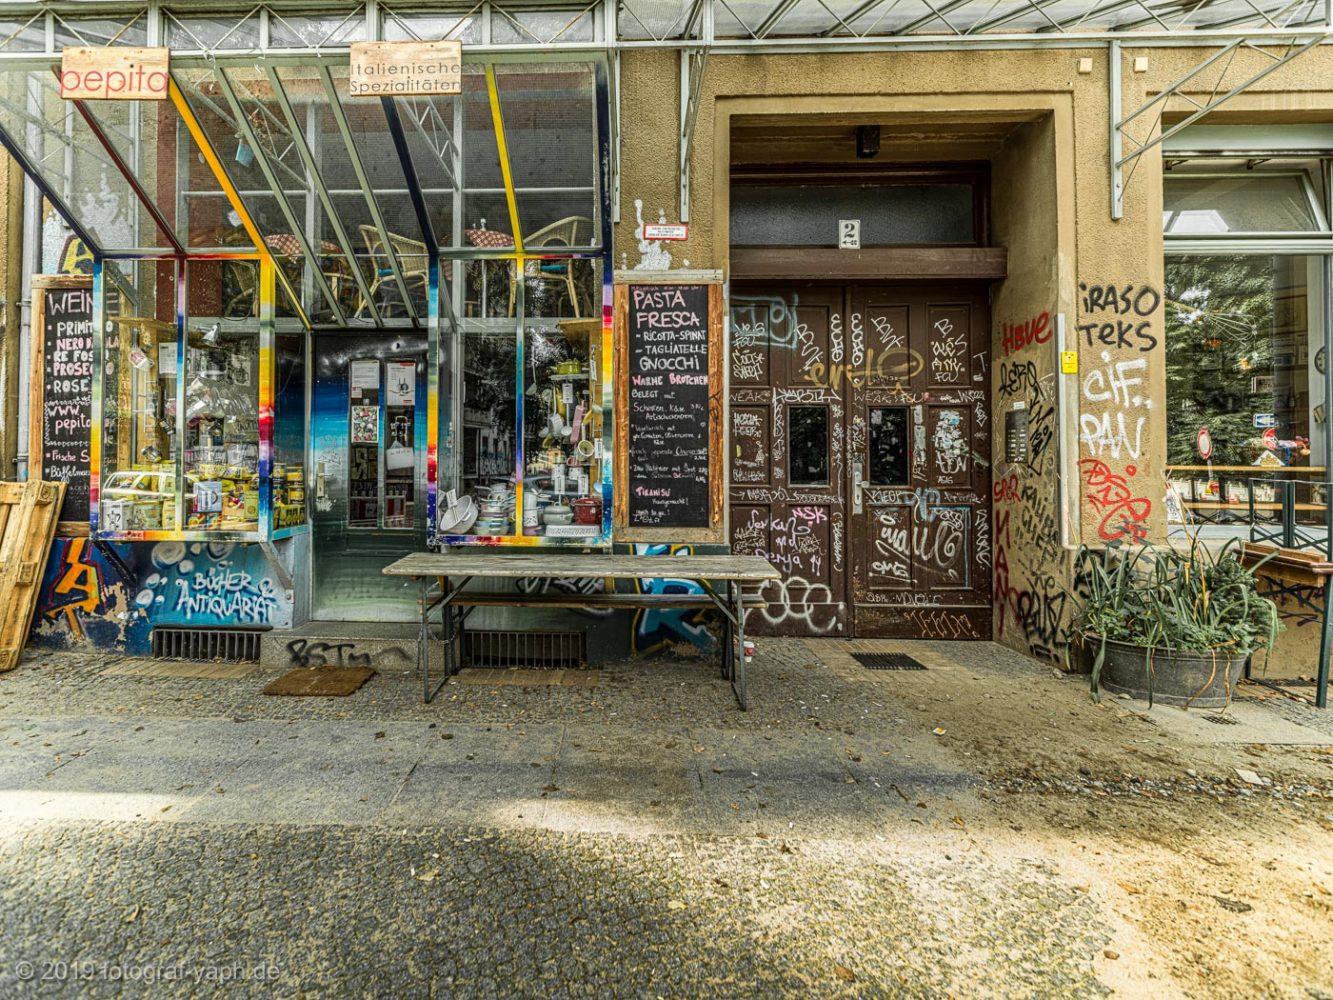 Im Berliner Kiez gibt es Ecken, die für Besucher und Touristen einfach unglaublich und verrückt sind und damit spannende Motive für Street Photography wie hier bei Fotograf Yaph.